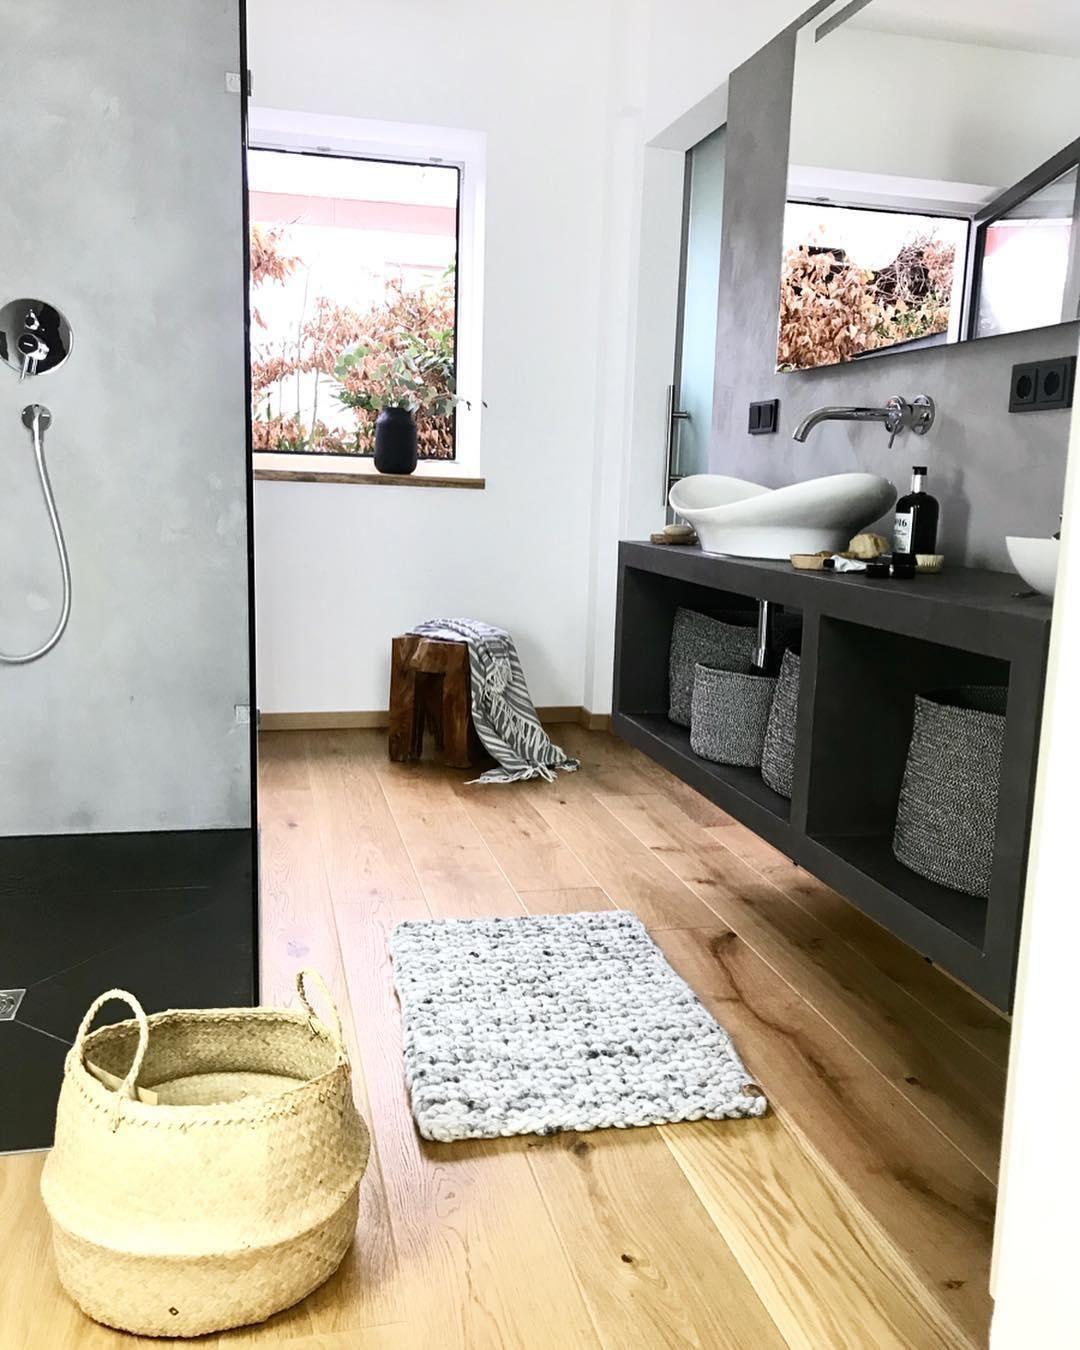 Aufbewahrungskorb Seagrass Bad Aufbewahrung Badezimmer Aufbewahrung Schone Zuhause